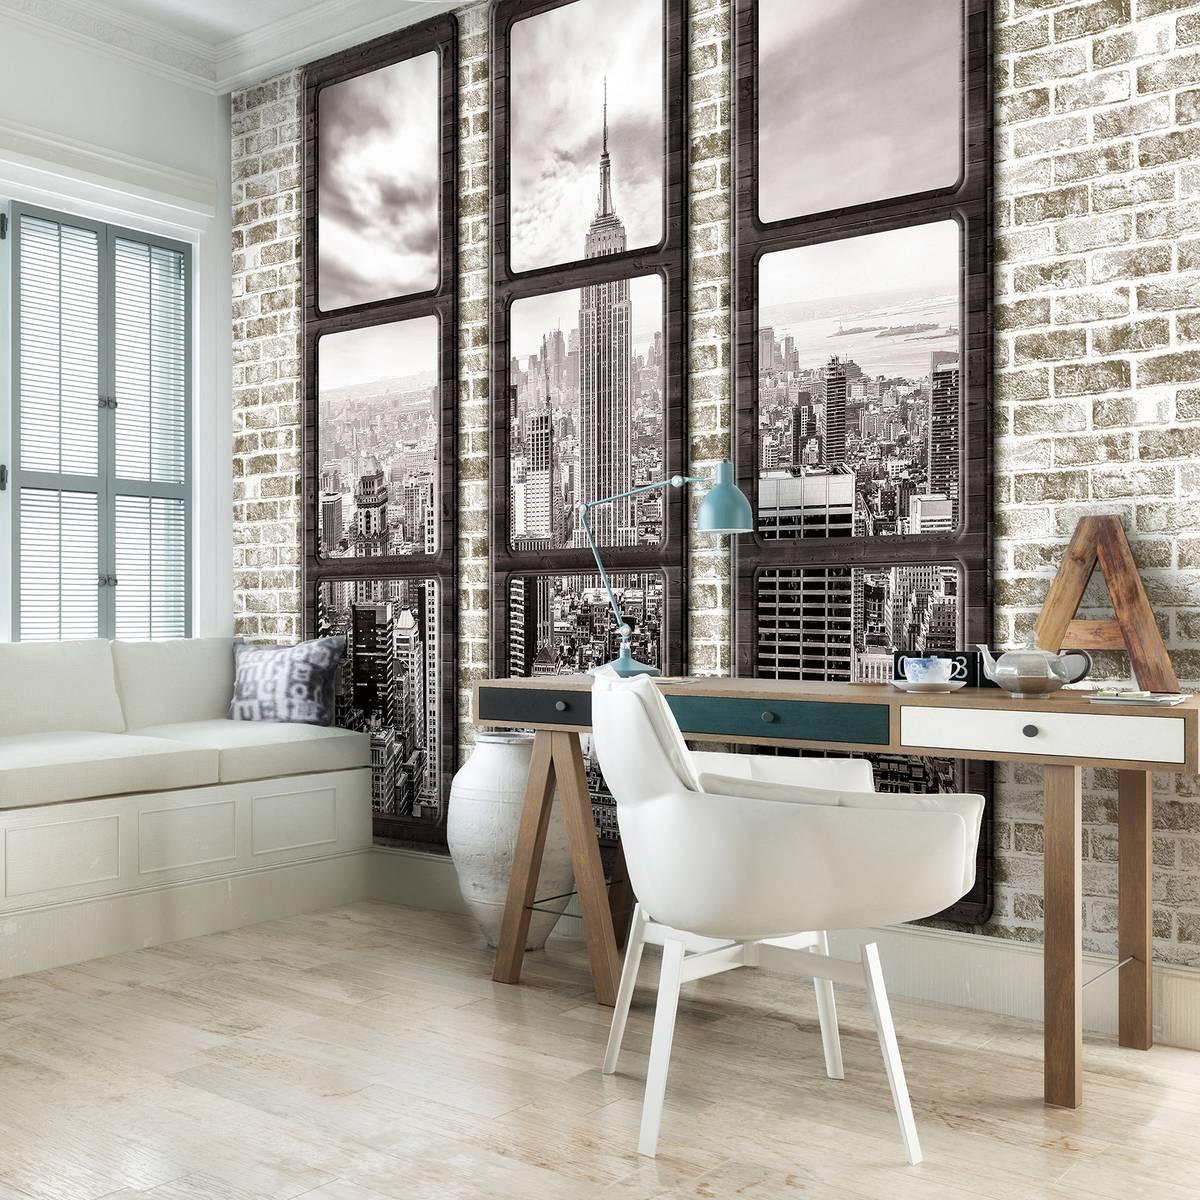 Fototapeta - New York  - výhled z okna (T033437T254184B)